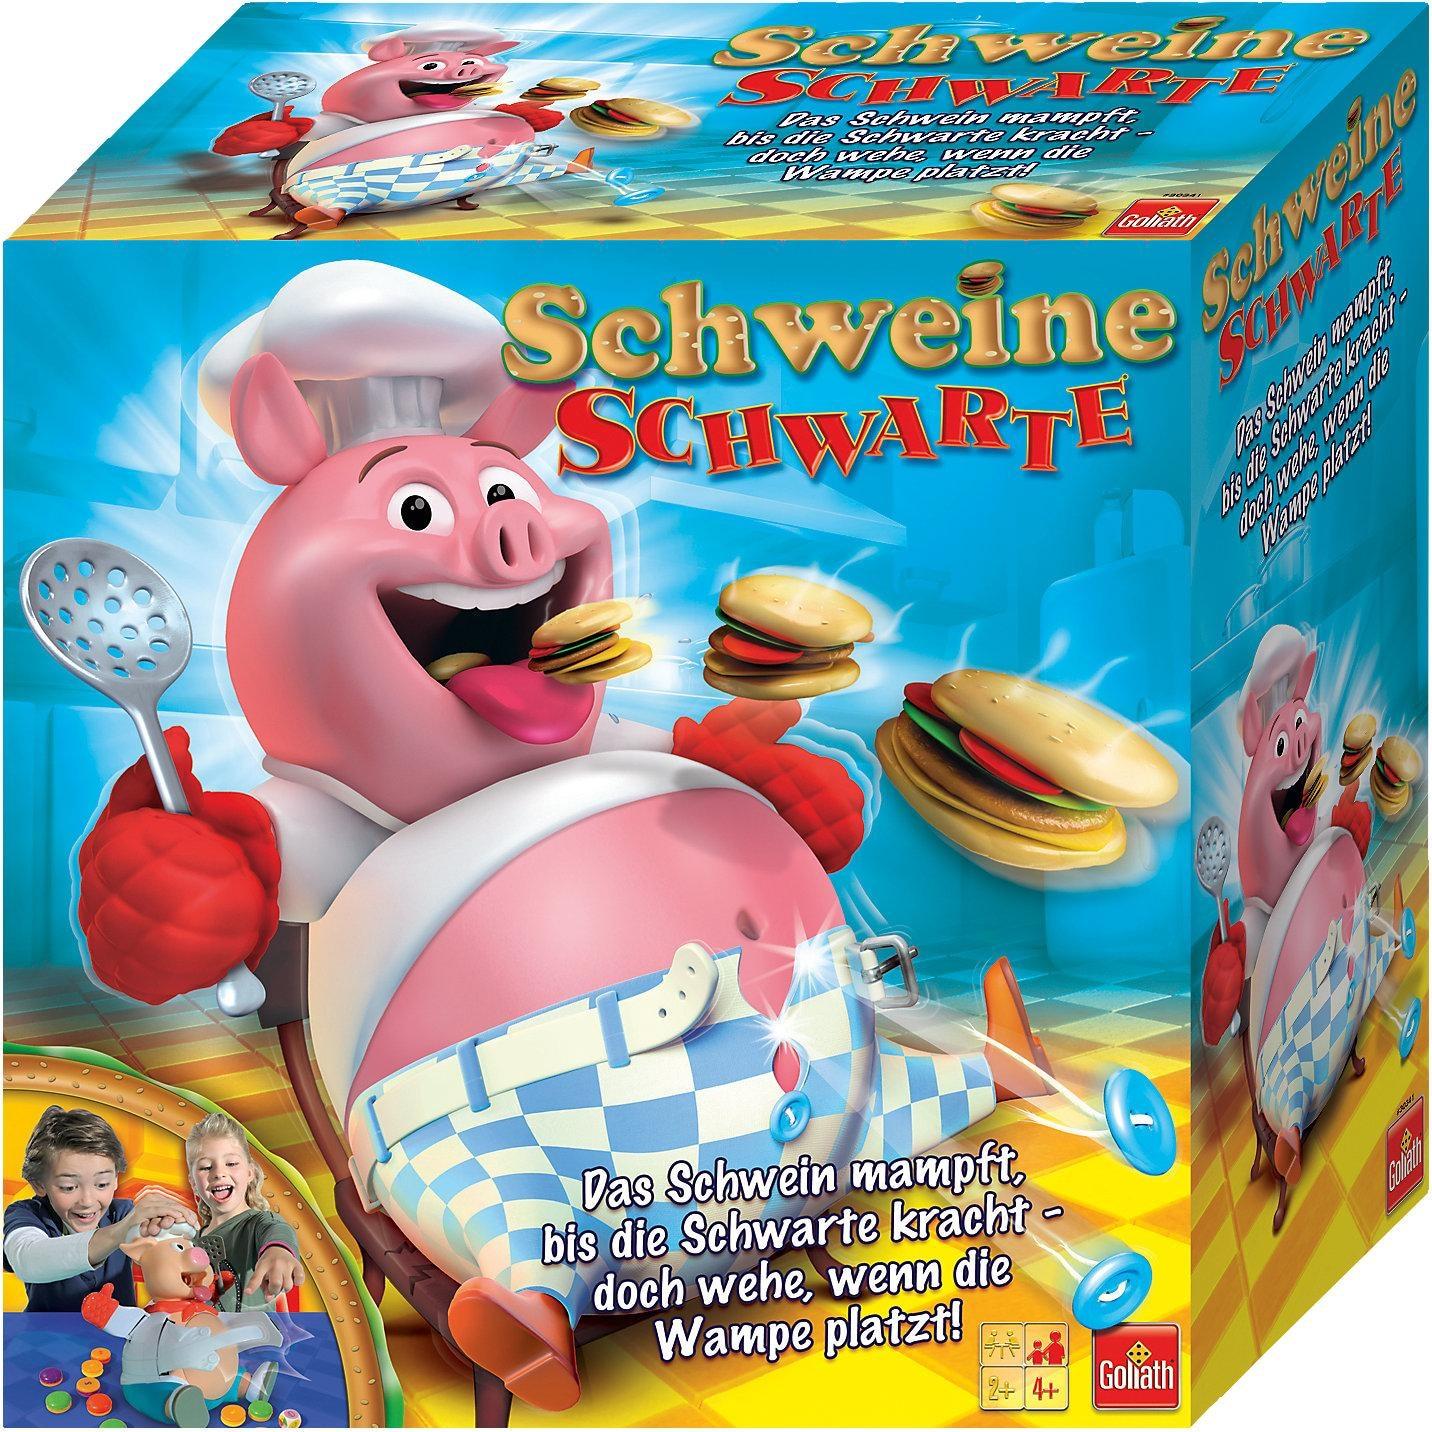 Goliath Schweine-Schwarte